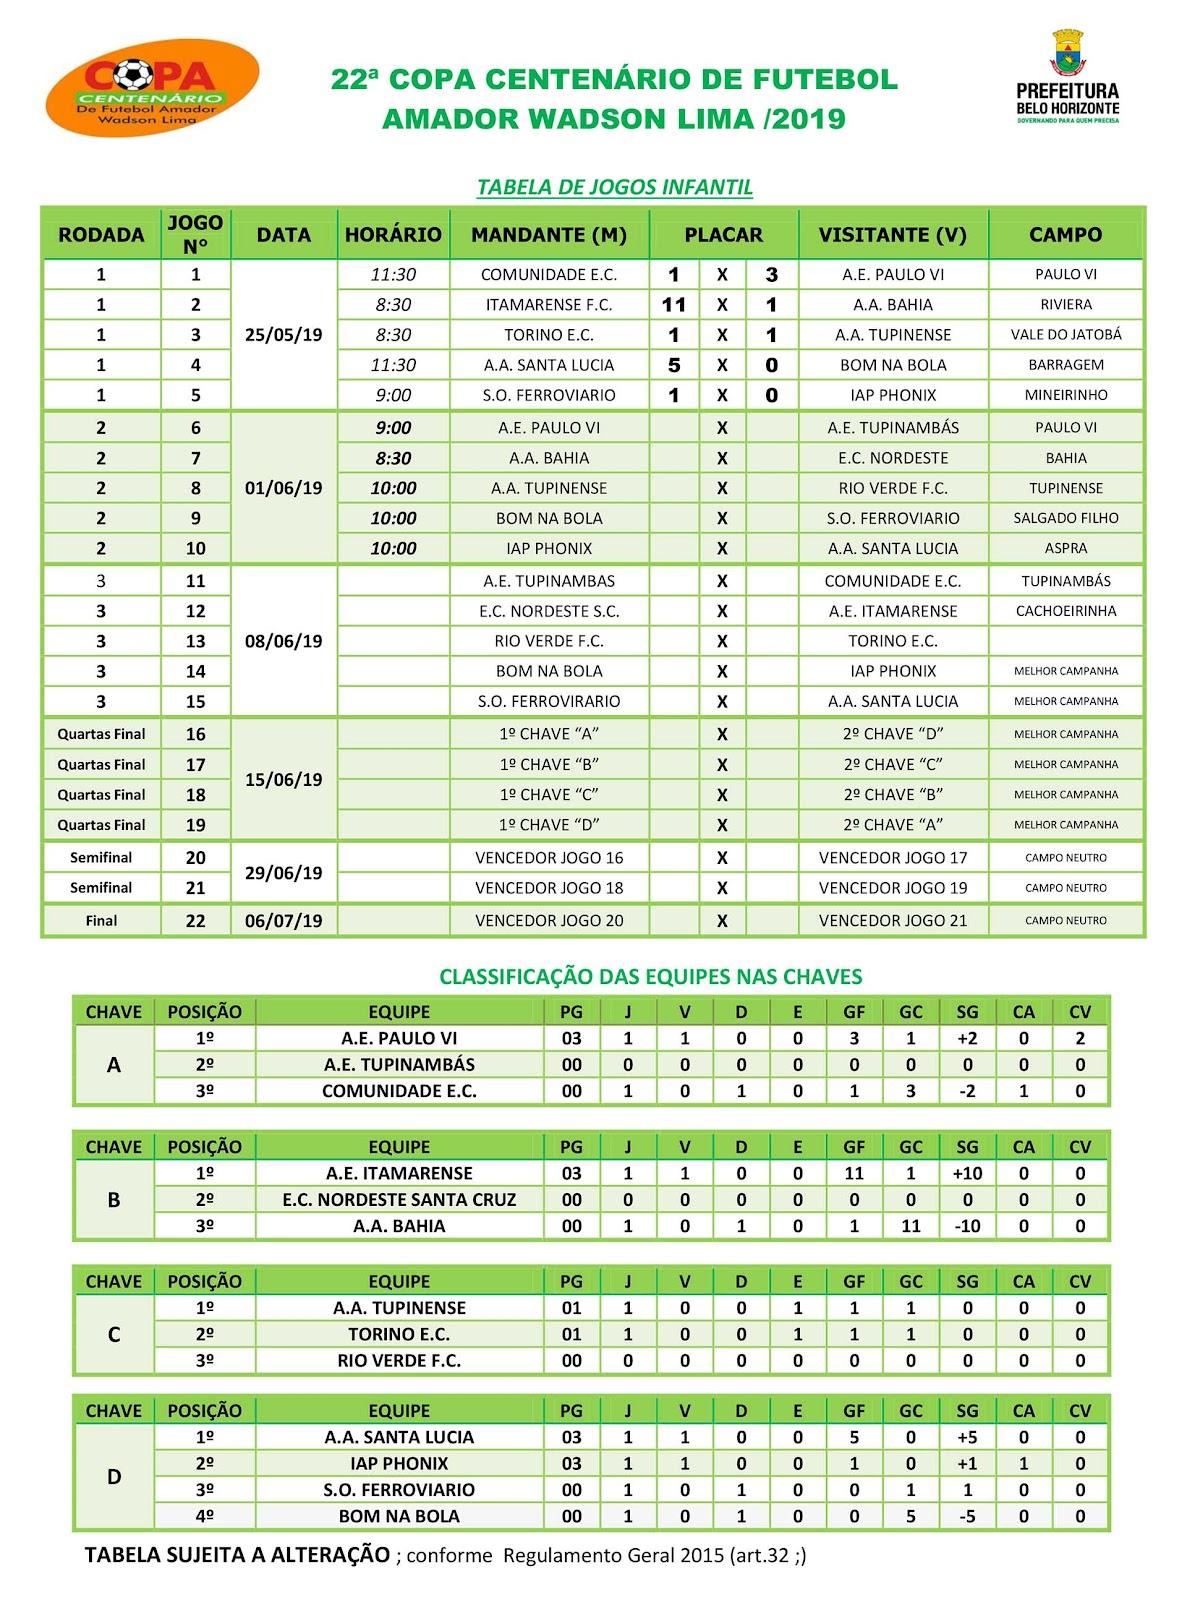 Tabela de jogos e classificação da Copa Centenário 2019 - Infantil - Fonte: SMEL/PBH